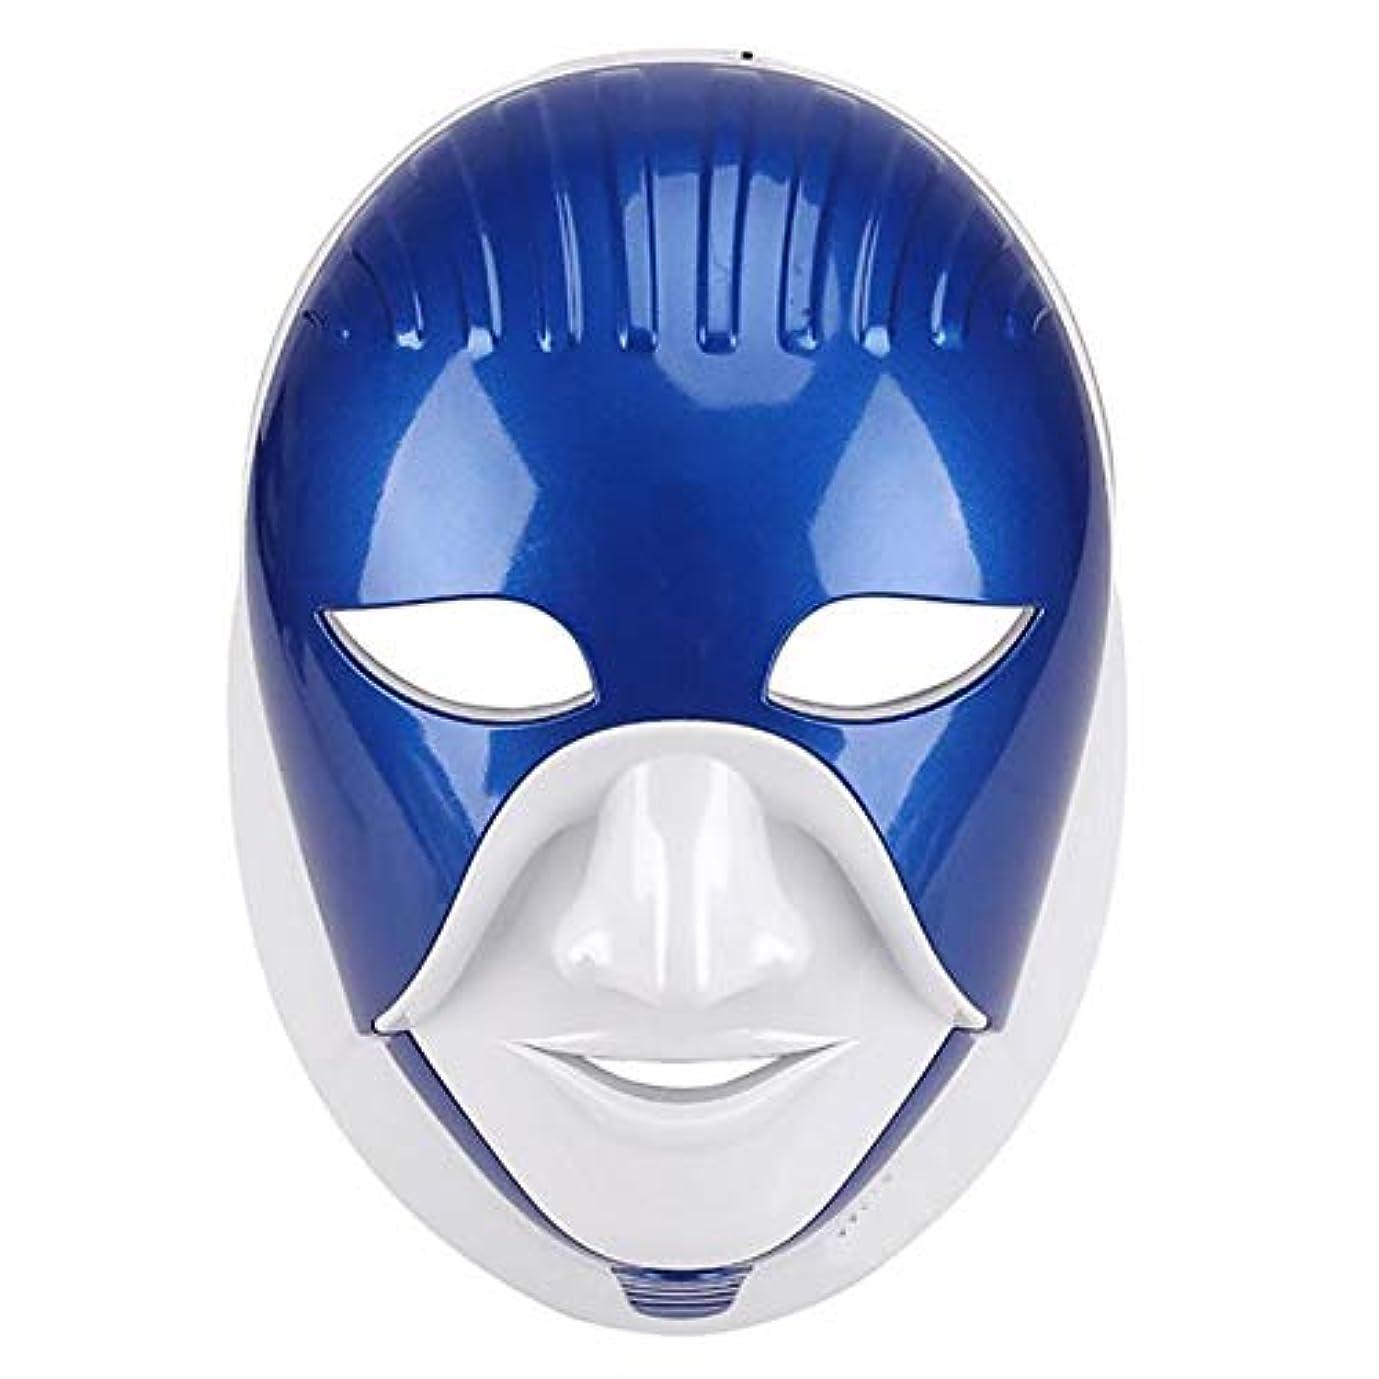 労働スキャン予測子LEDフェイスマスク治療マスク充電式7色Ledフェイシャルマスクスキンケアの顔の首のケア、CE承認(アルミボックス),ブルー